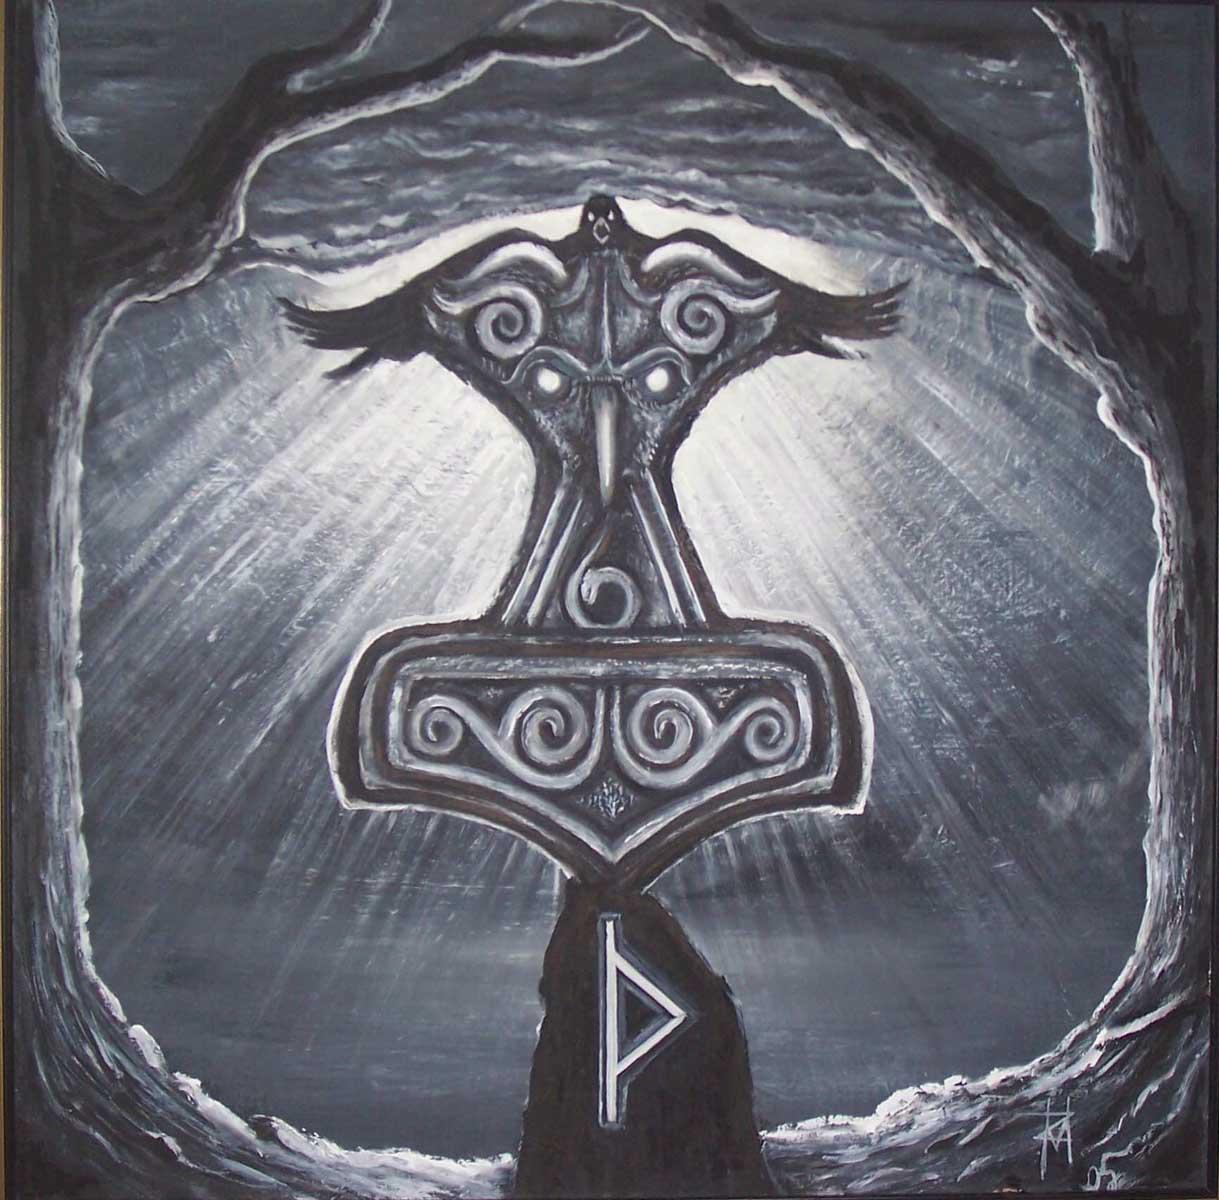 Mjolnir (Quelle: Mythology Wiki)